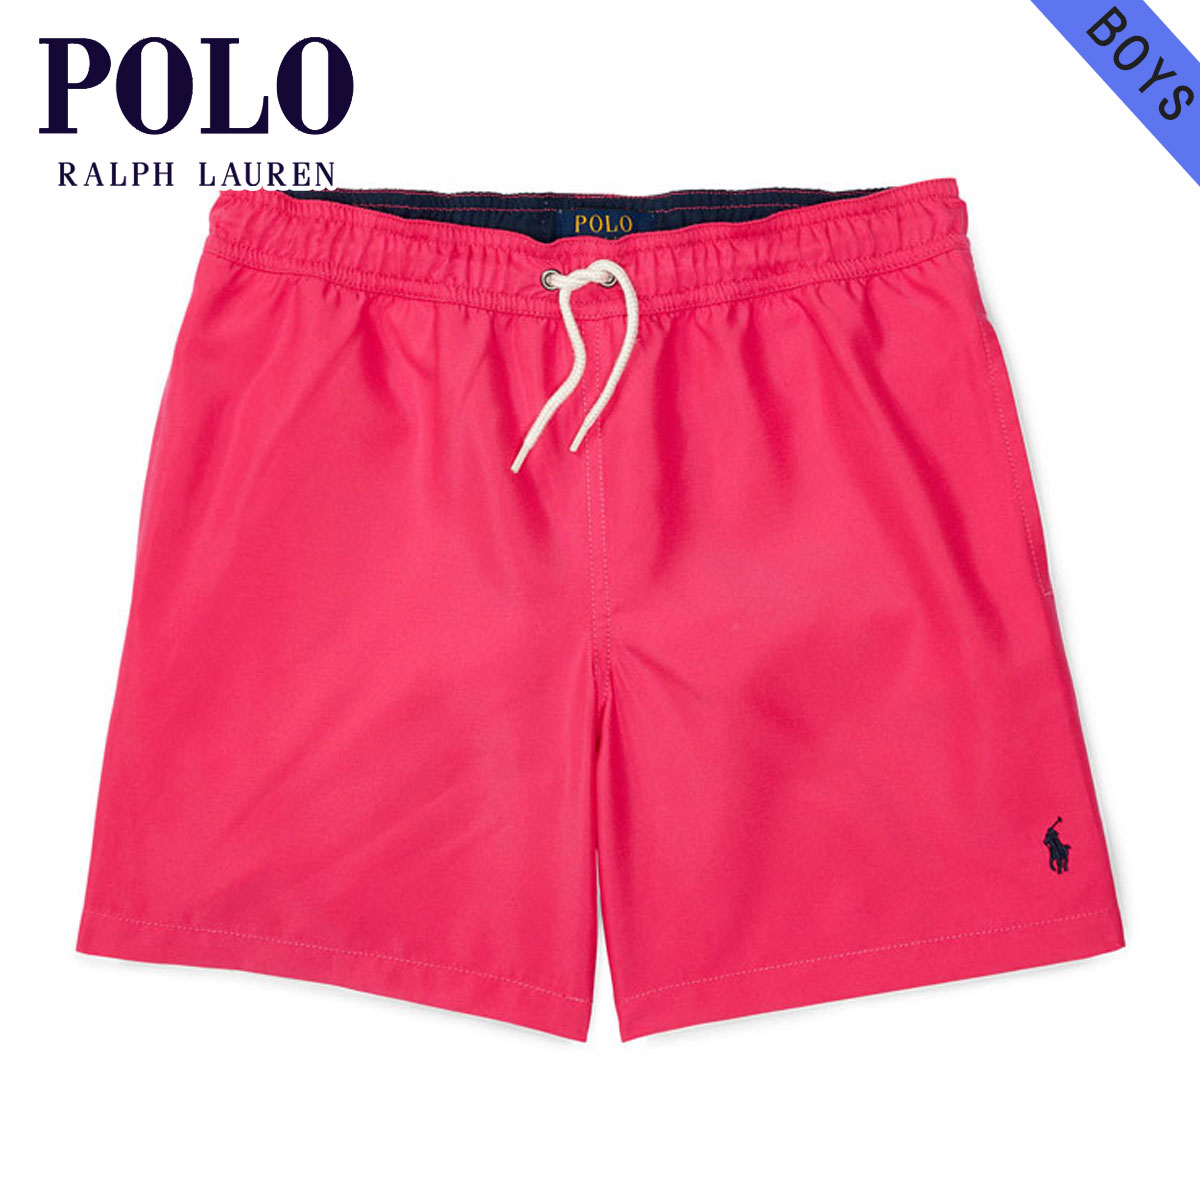 e56cb722e0 Polo Ralph Lauren kids POLO RALPH LAUREN CHILDREN regular article  children's clothes swimsuit swimming underwear HAWAIIAN ...